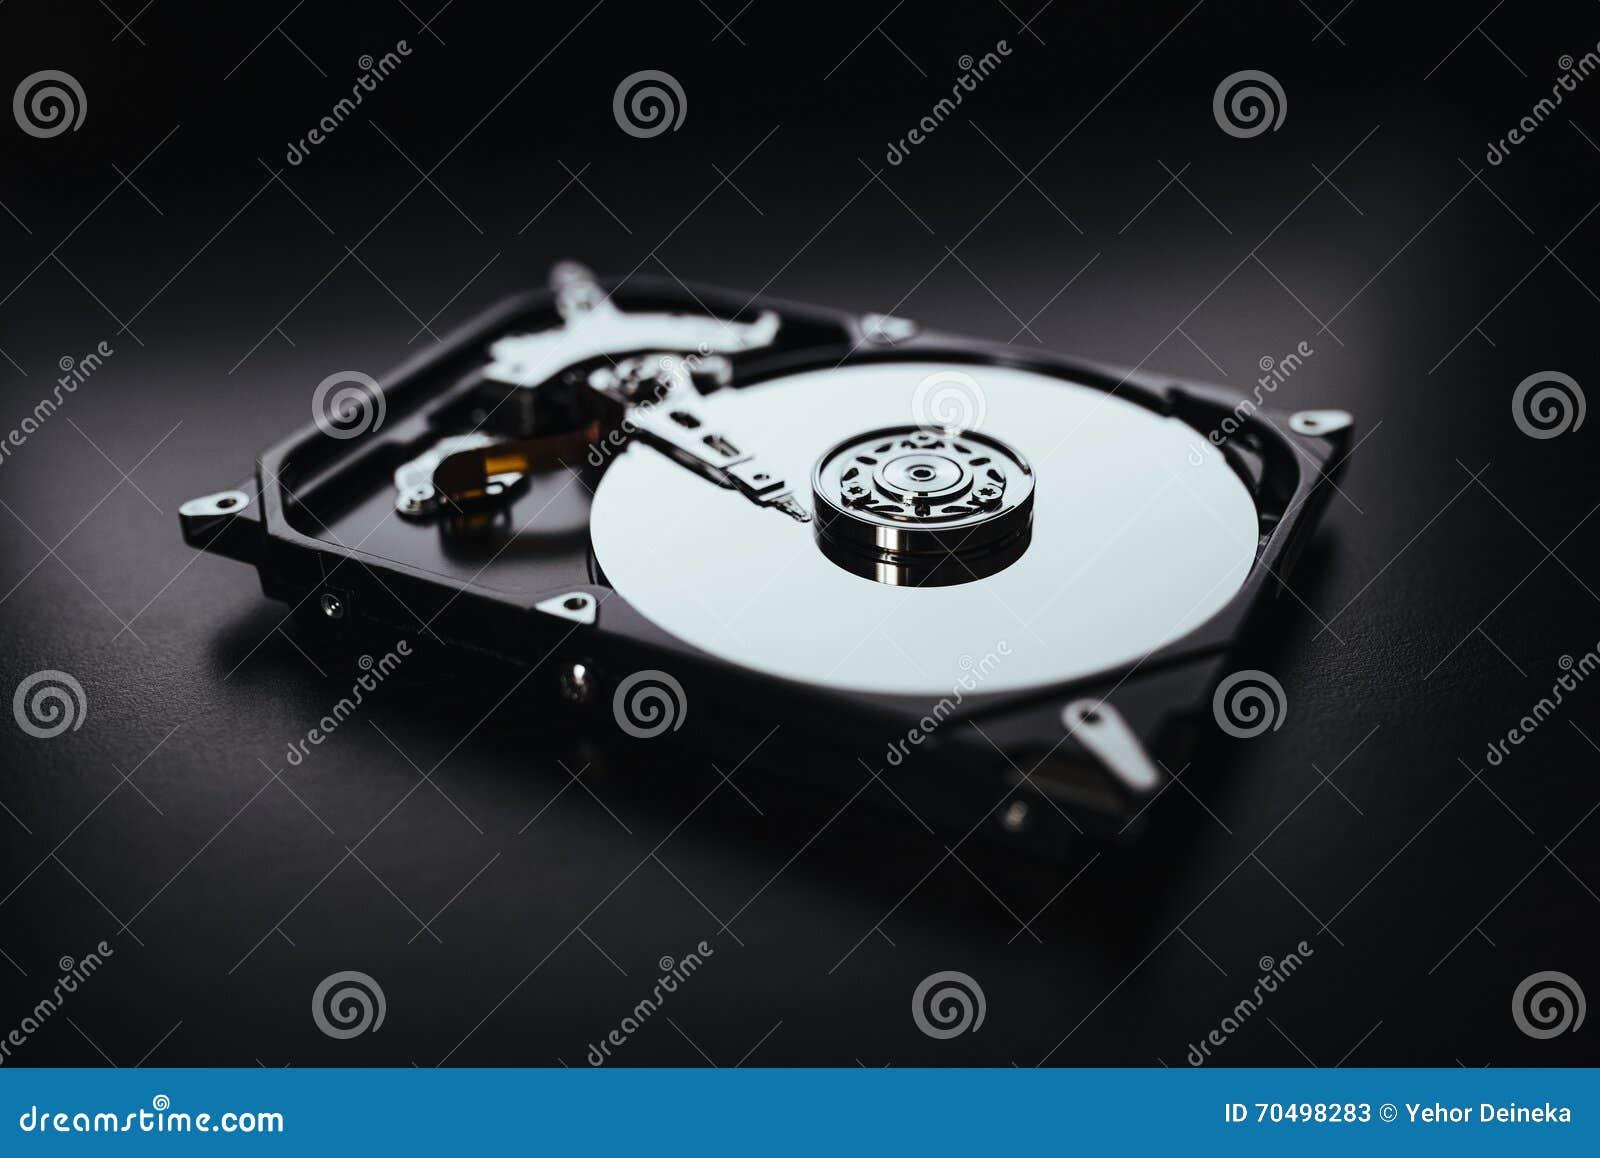 Демонтированный жесткий диск от компьютера (hdd) с влияниями зеркала Часть компьютера (ПК, компьтер-книжки)